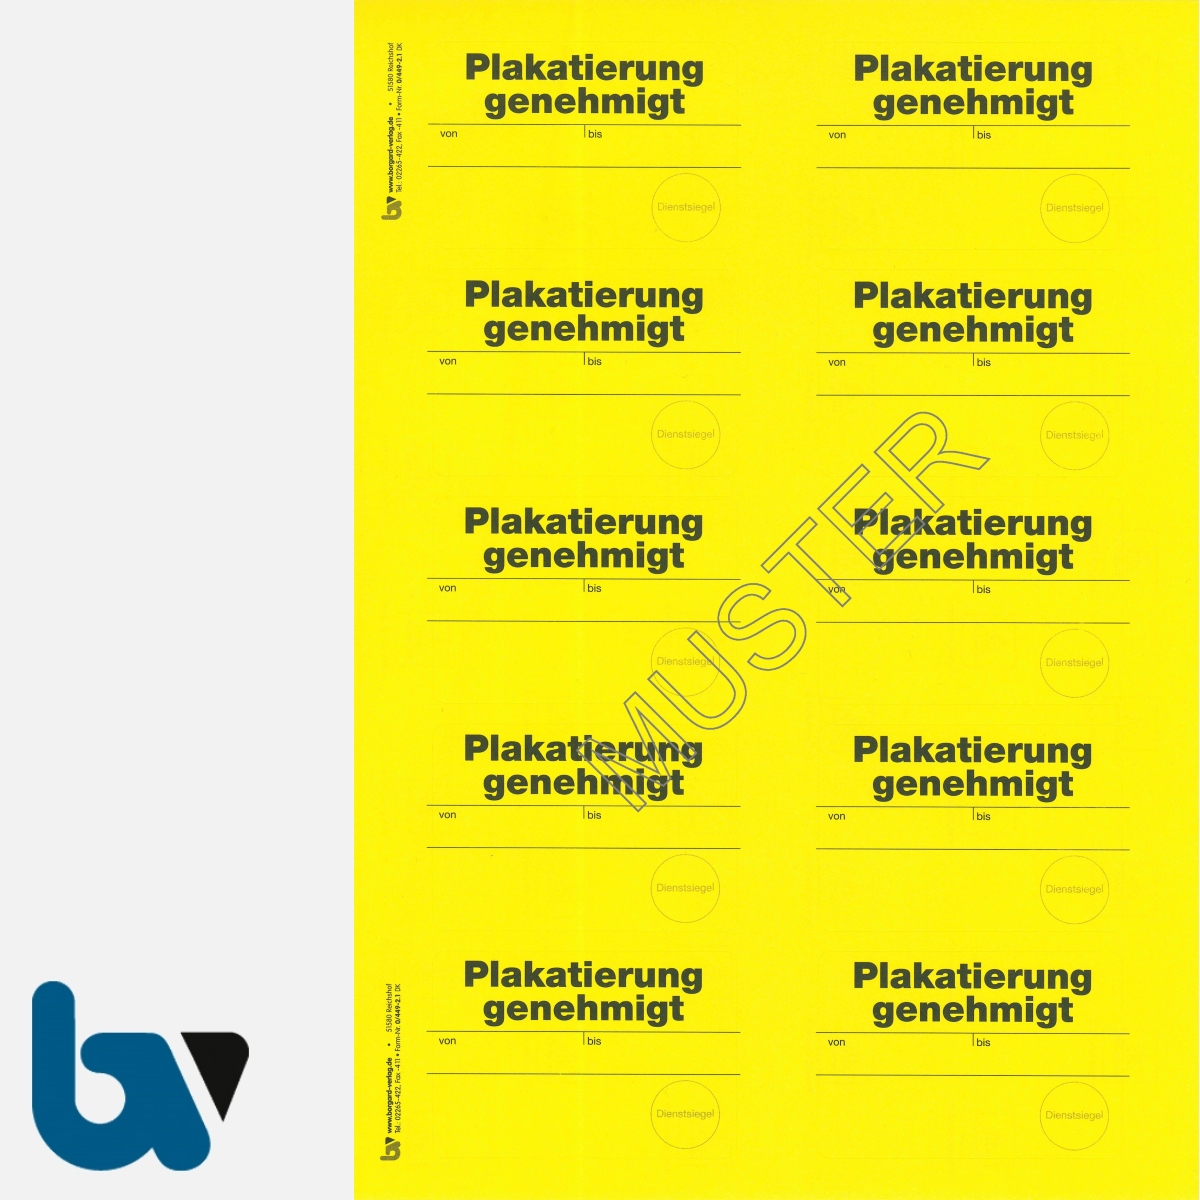 0/449-2.1 Aufkleber Plakatierung genehmigt leucht-gelb 75 50 selbstklebend Bogen 10 stück DIN A4   Borgard Verlag GmbH